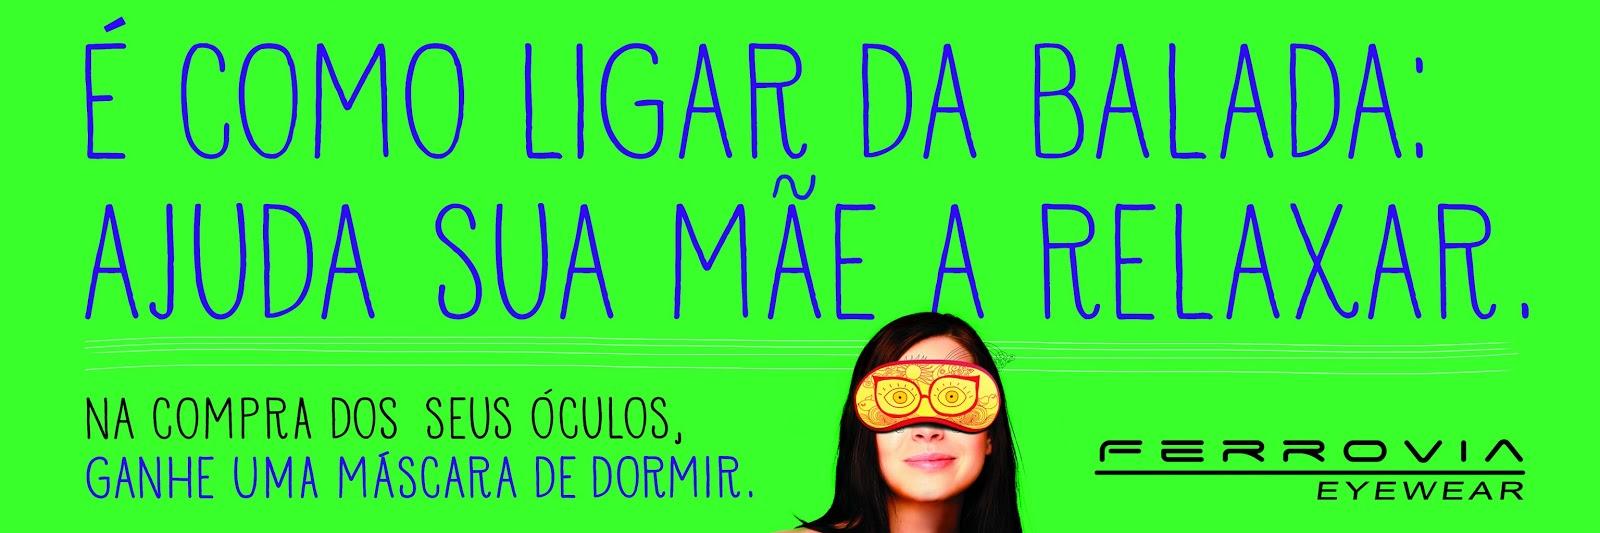 FERROVIA EYEWEAR LANÇA CAMPANHA PARA O DIA DAS MÃES e0430c5d51